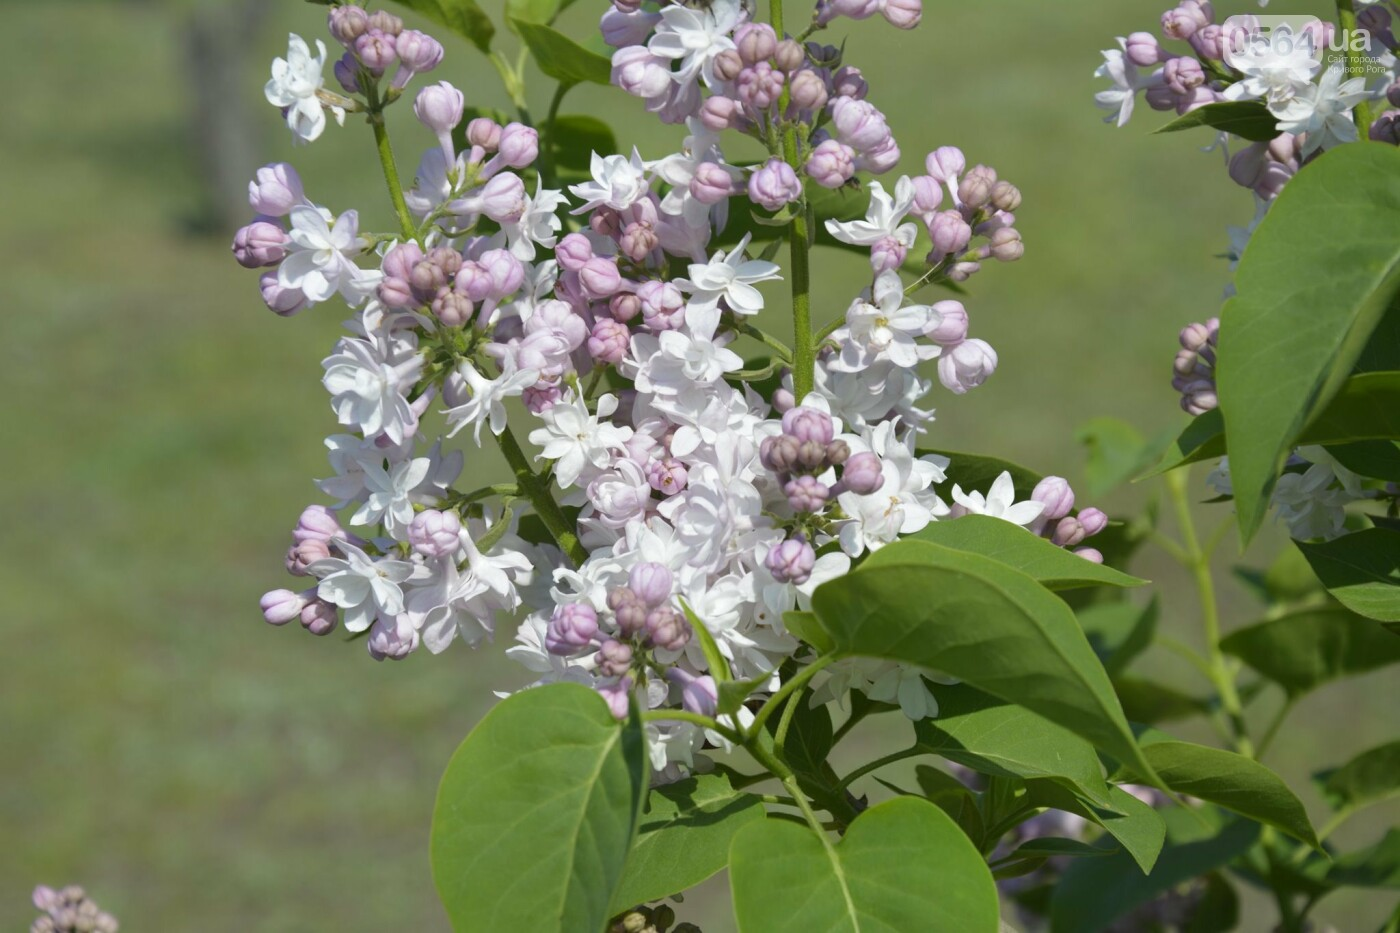 """Коллекция сирени, тюльпан """"Черный кофе"""", барбарис, - как выглядит Криворожский ботанический сад сегодня, - ФОТО, фото-30"""